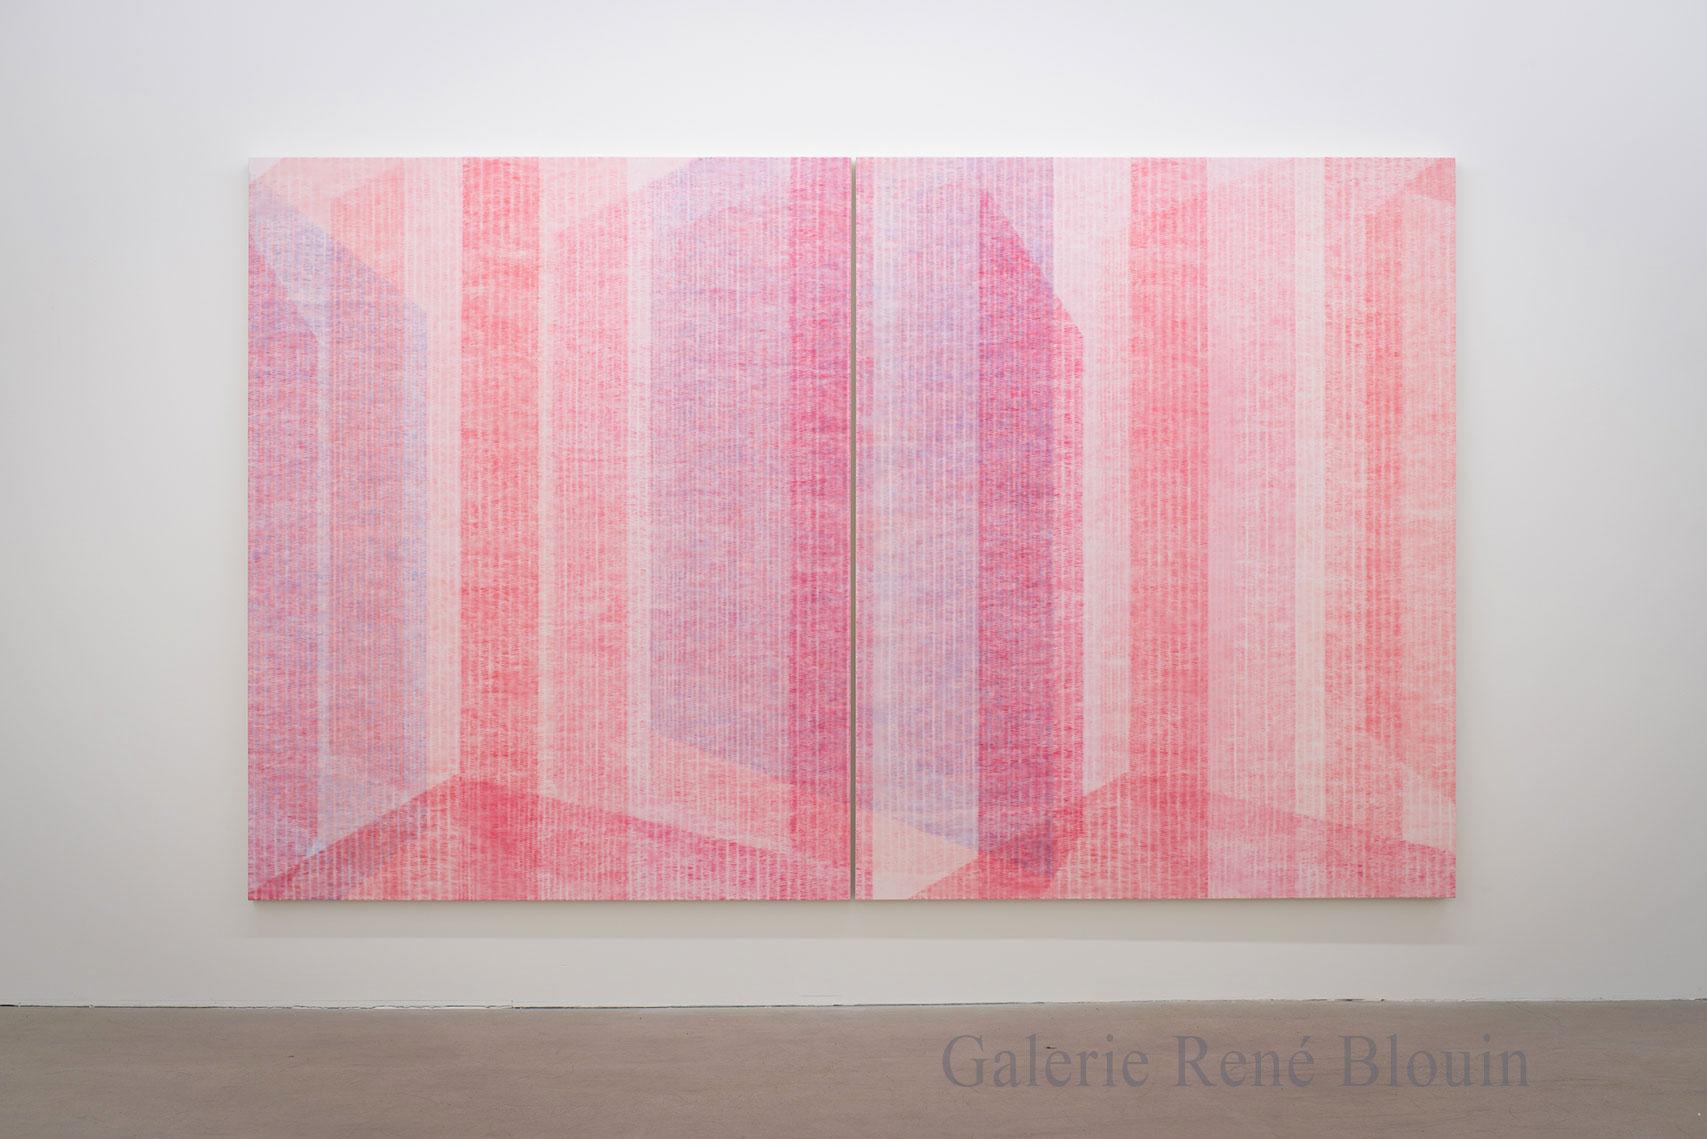 Marie-Claire Blais, Être la porte qui s'ouvre 11, 2017, acrylique sur toile, 203 x 330 cm / 80 x 130 pouces. Photo : Marie-Claire Blais